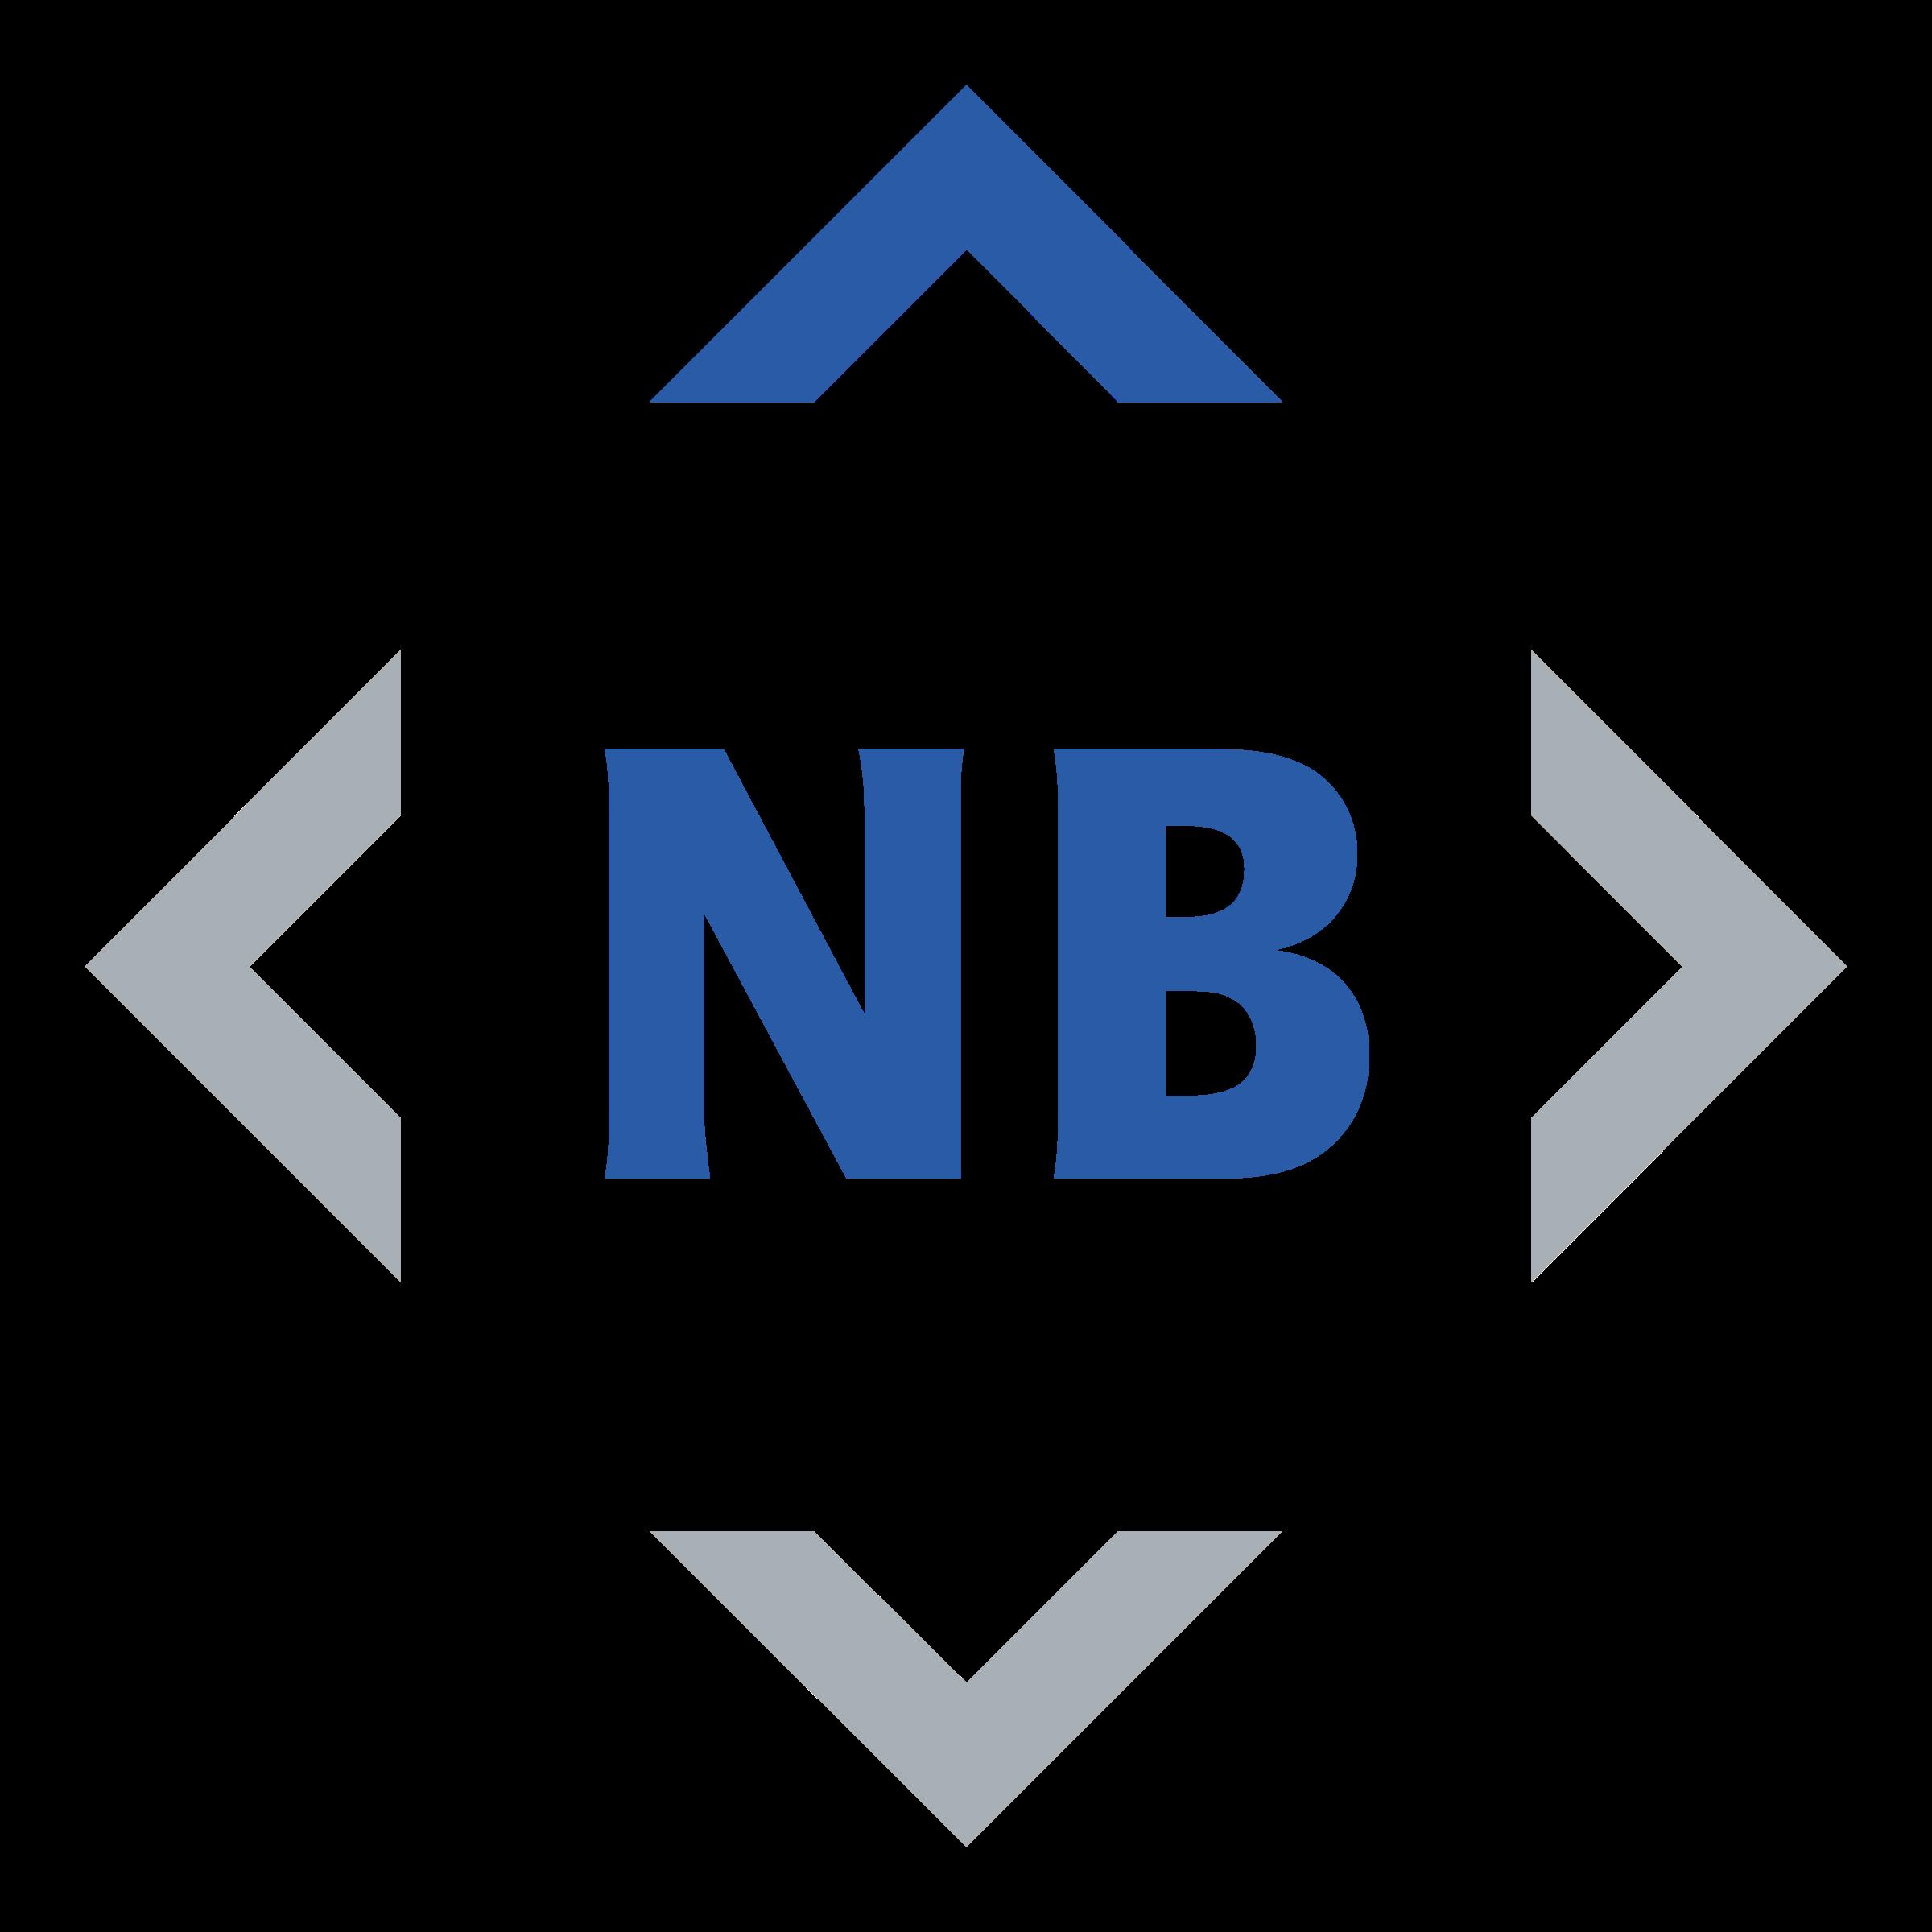 NB Logo PNG Transparent & SVG Vector.